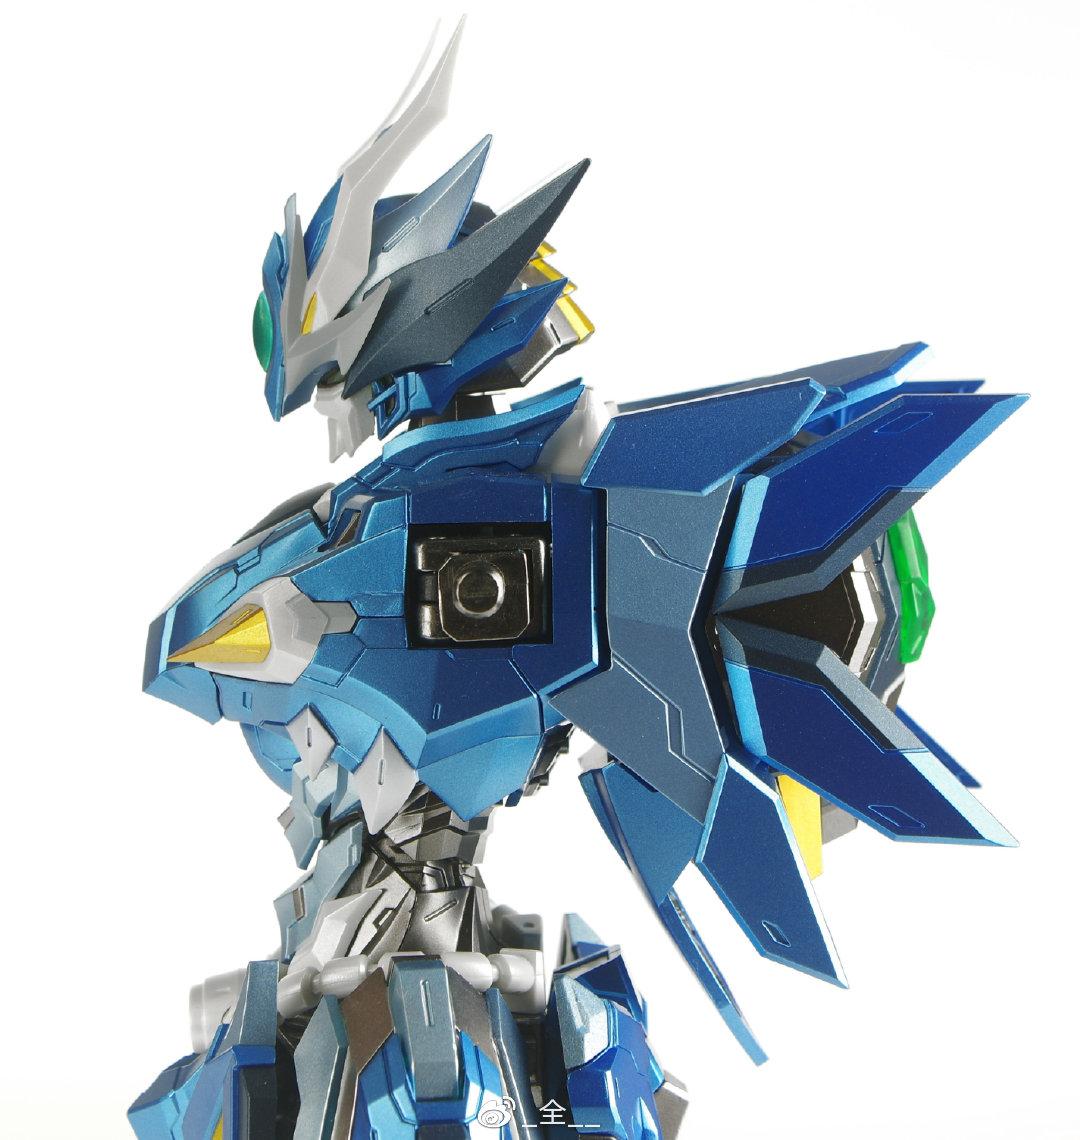 S470_MOTOR_NUCLEAR_MN_Q03_blue_gragon_ao_bing_di_hui_xing_han_long_zi_029.jpg